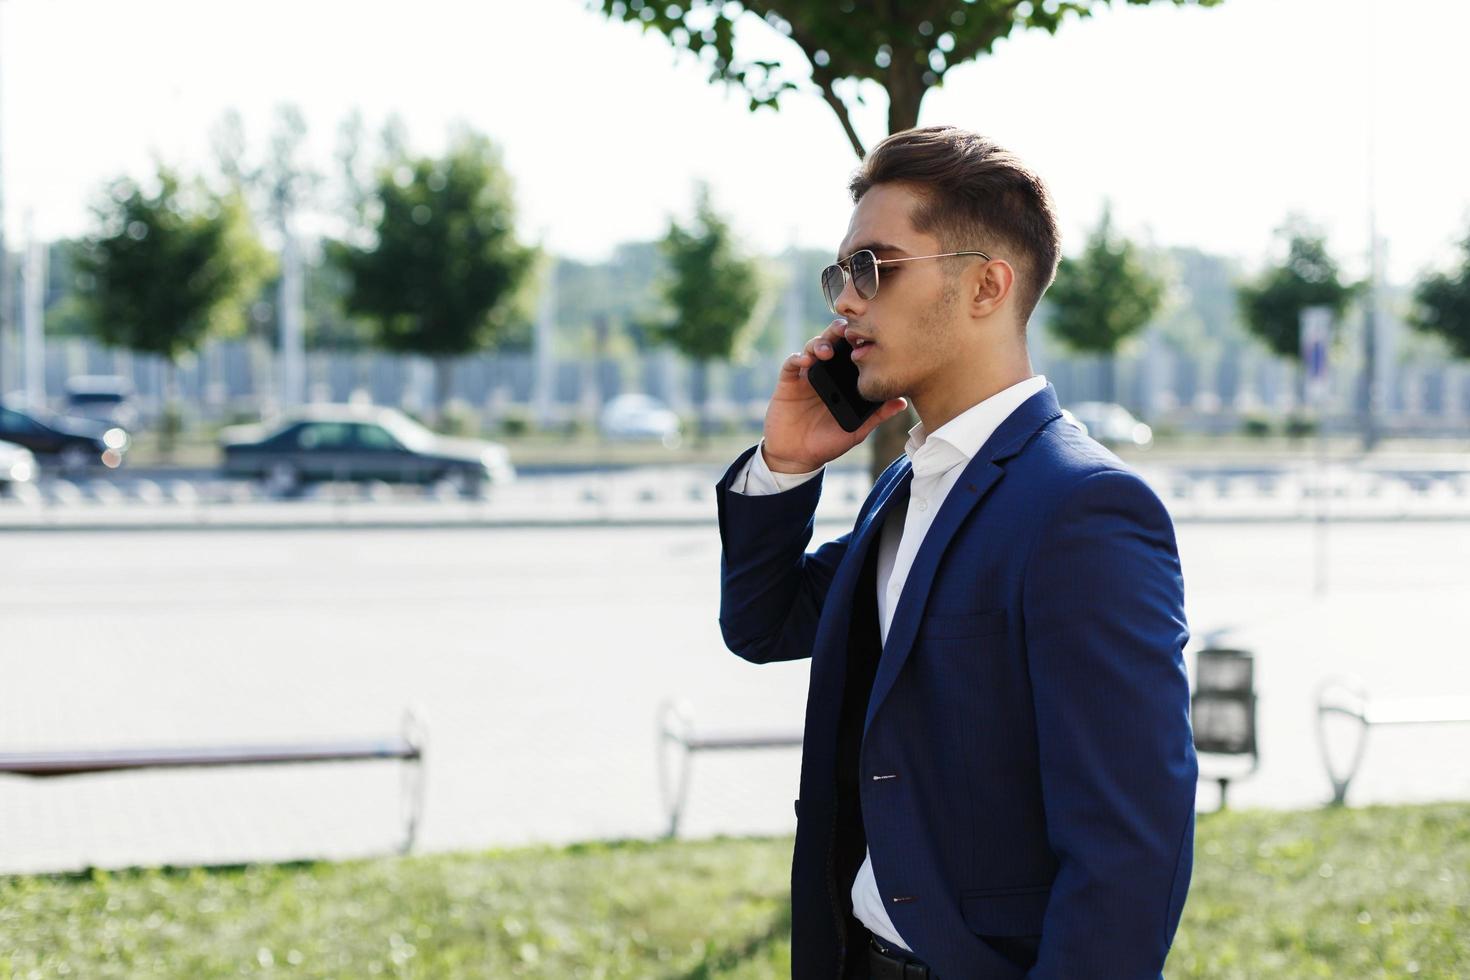 homme en costume marchant et parlant au téléphone photo